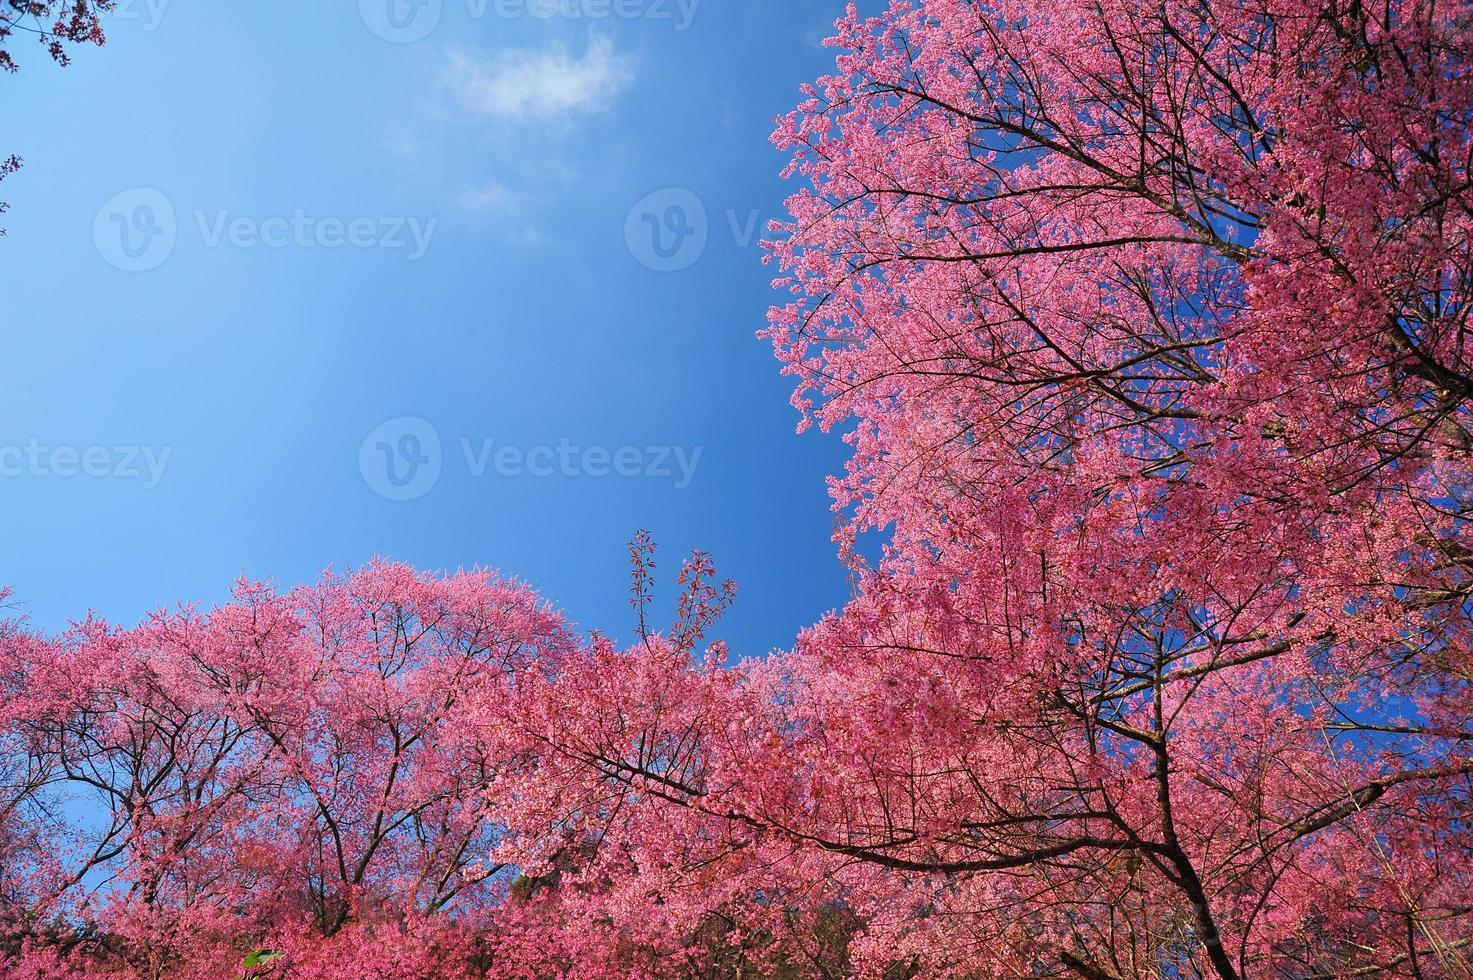 prachtige roze kersenbloesems met blauwe hemelachtergronden foto